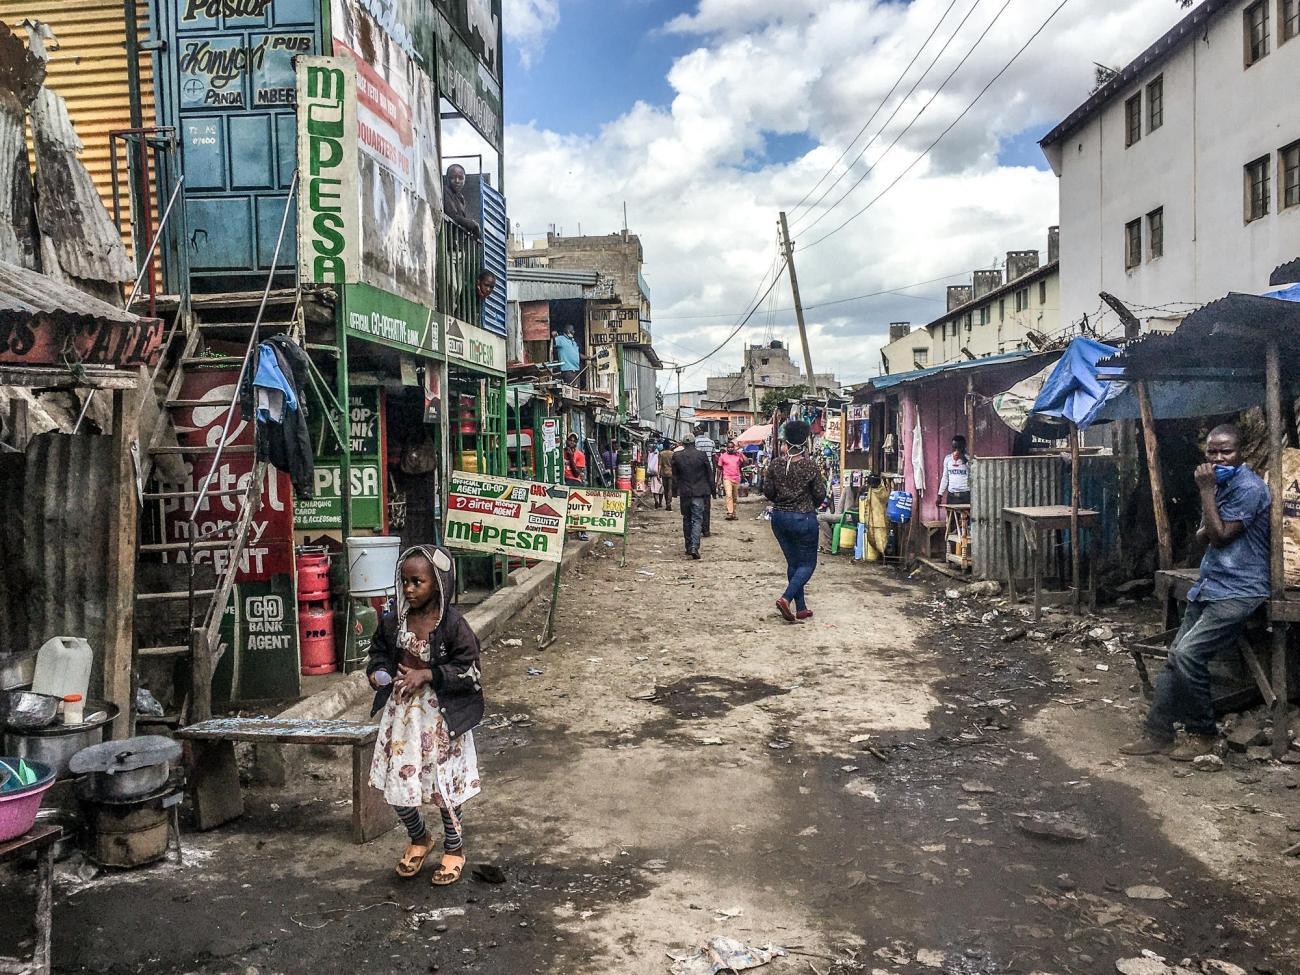 La propagation de l'épidémie de Covid-19 au Kenya est d'autant plus préoccupante pour les groupes vulnérables et les personnes vivant dans des situations précaires : parmi eux, la population de Mathare.  © Paul Odongo/MSF